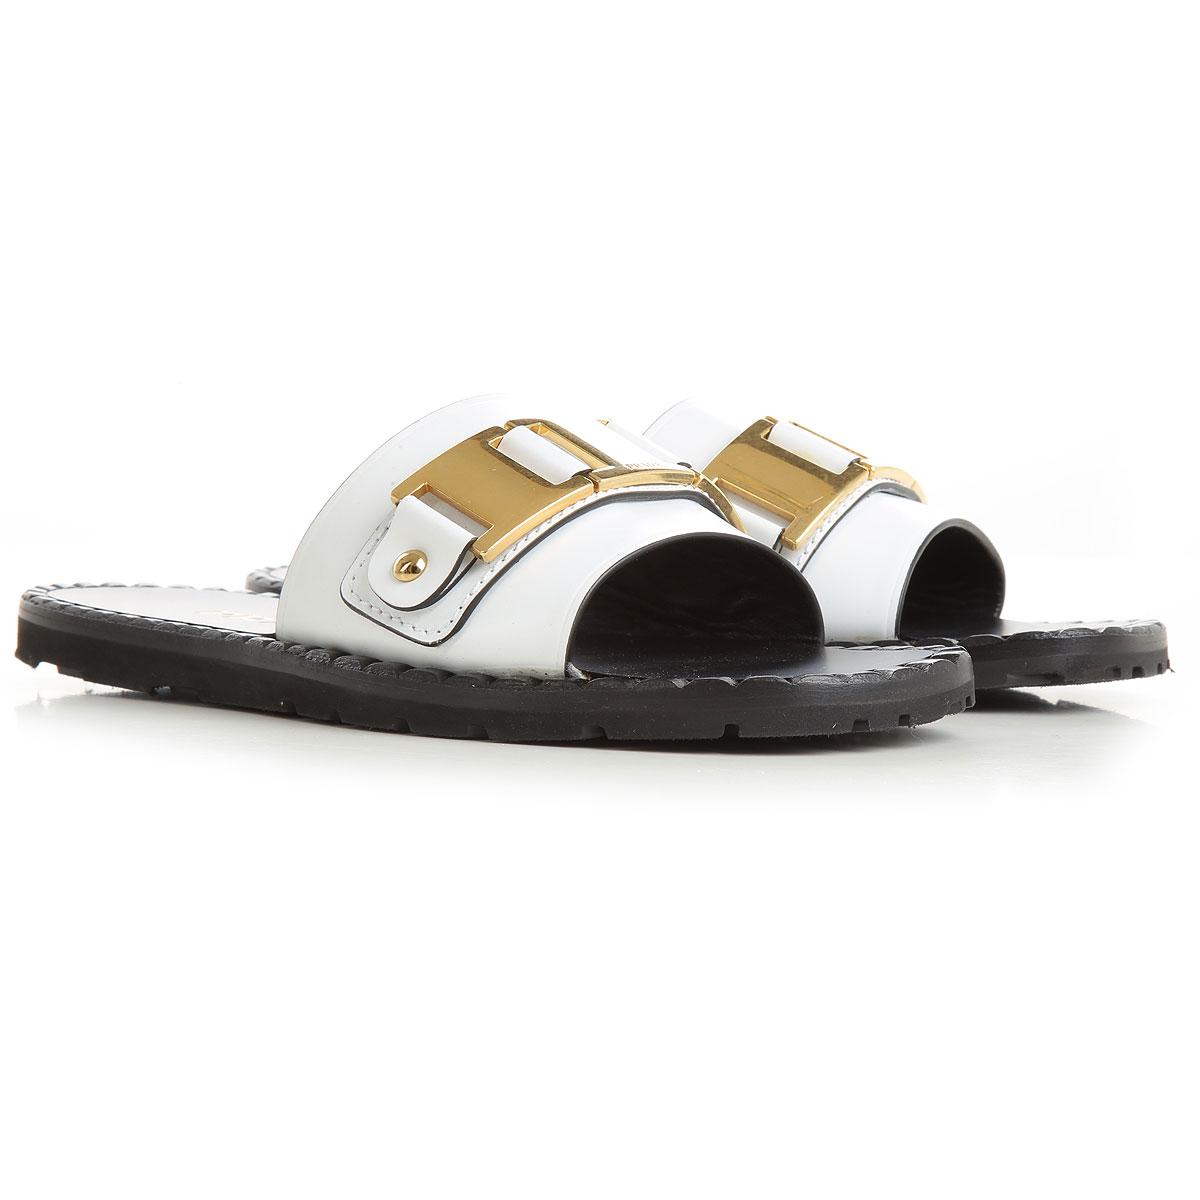 Prada Sandale Femme Pas cher en Soldes, Blanc, Cuir, 2019, 36 38 38.5 39 40